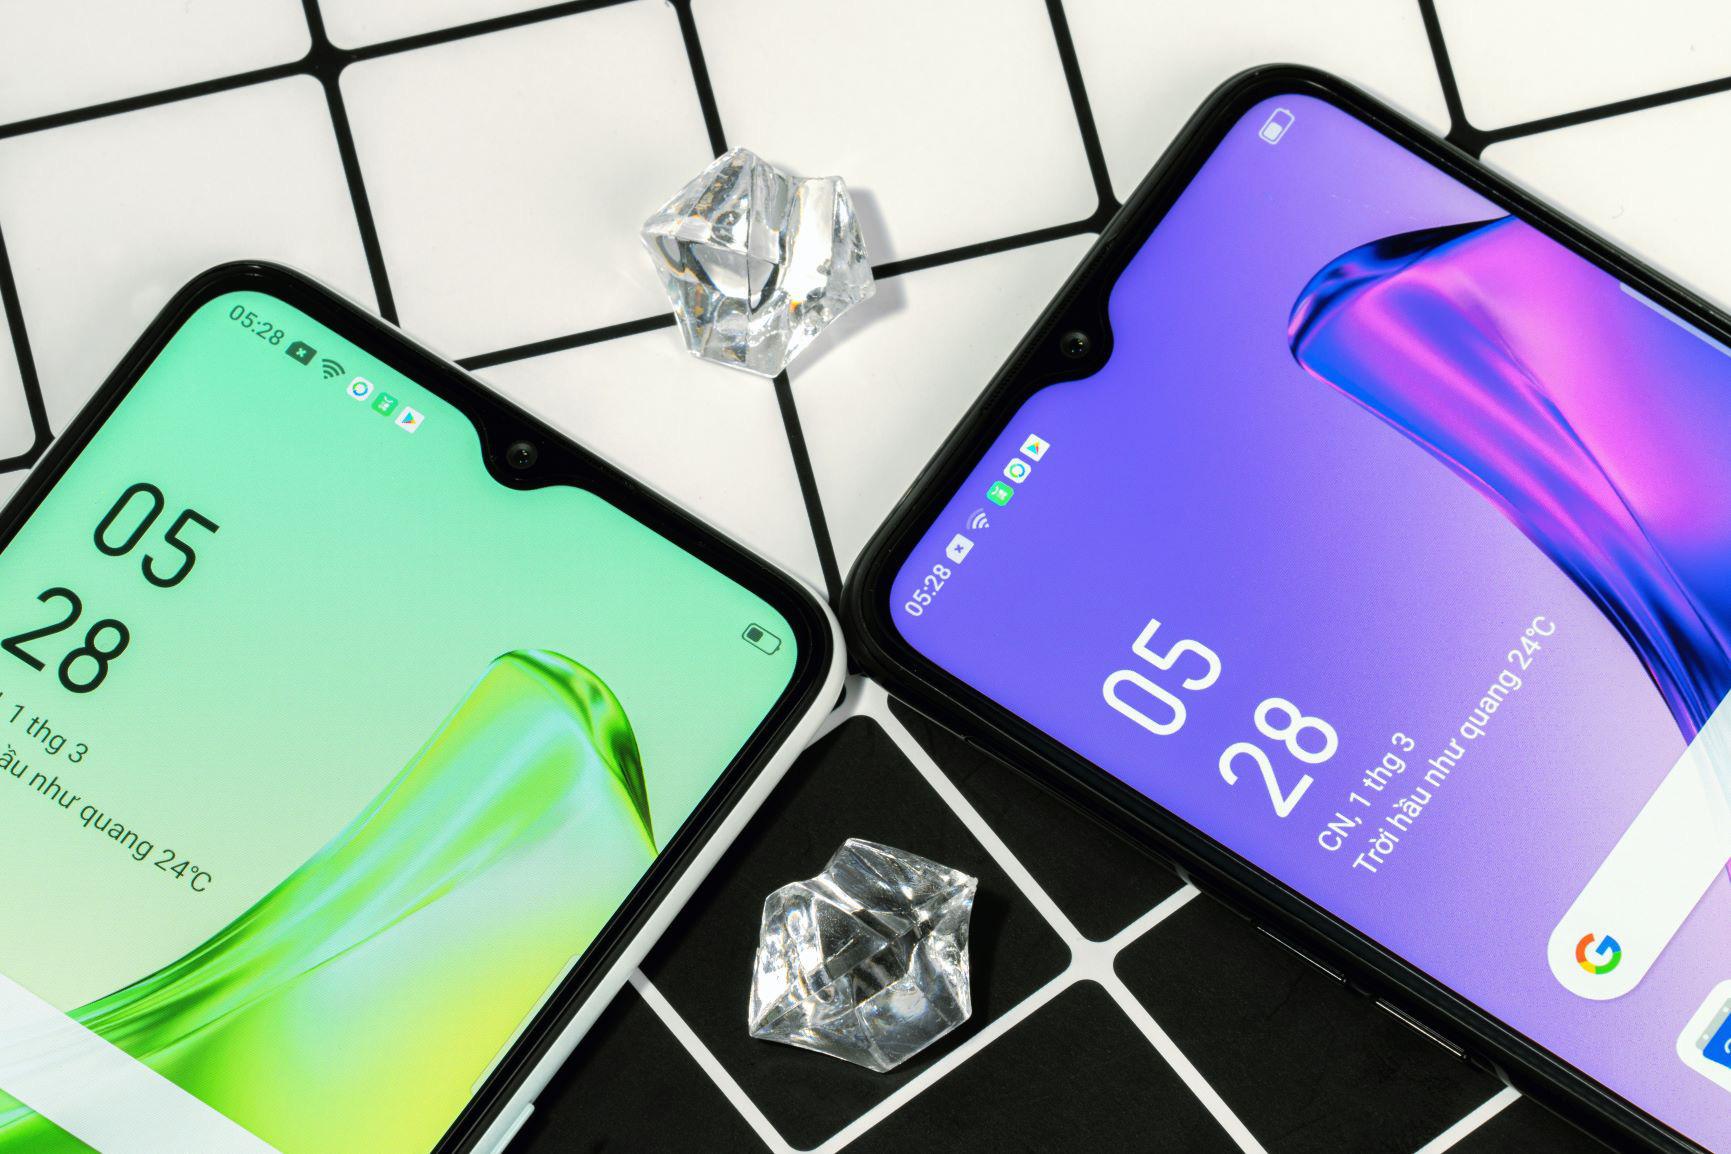 Điện thoại giảm giá tháng 3: iPhone không nhiều thay đổi, Samsung S20 thêm kích cầu - Ảnh 7.